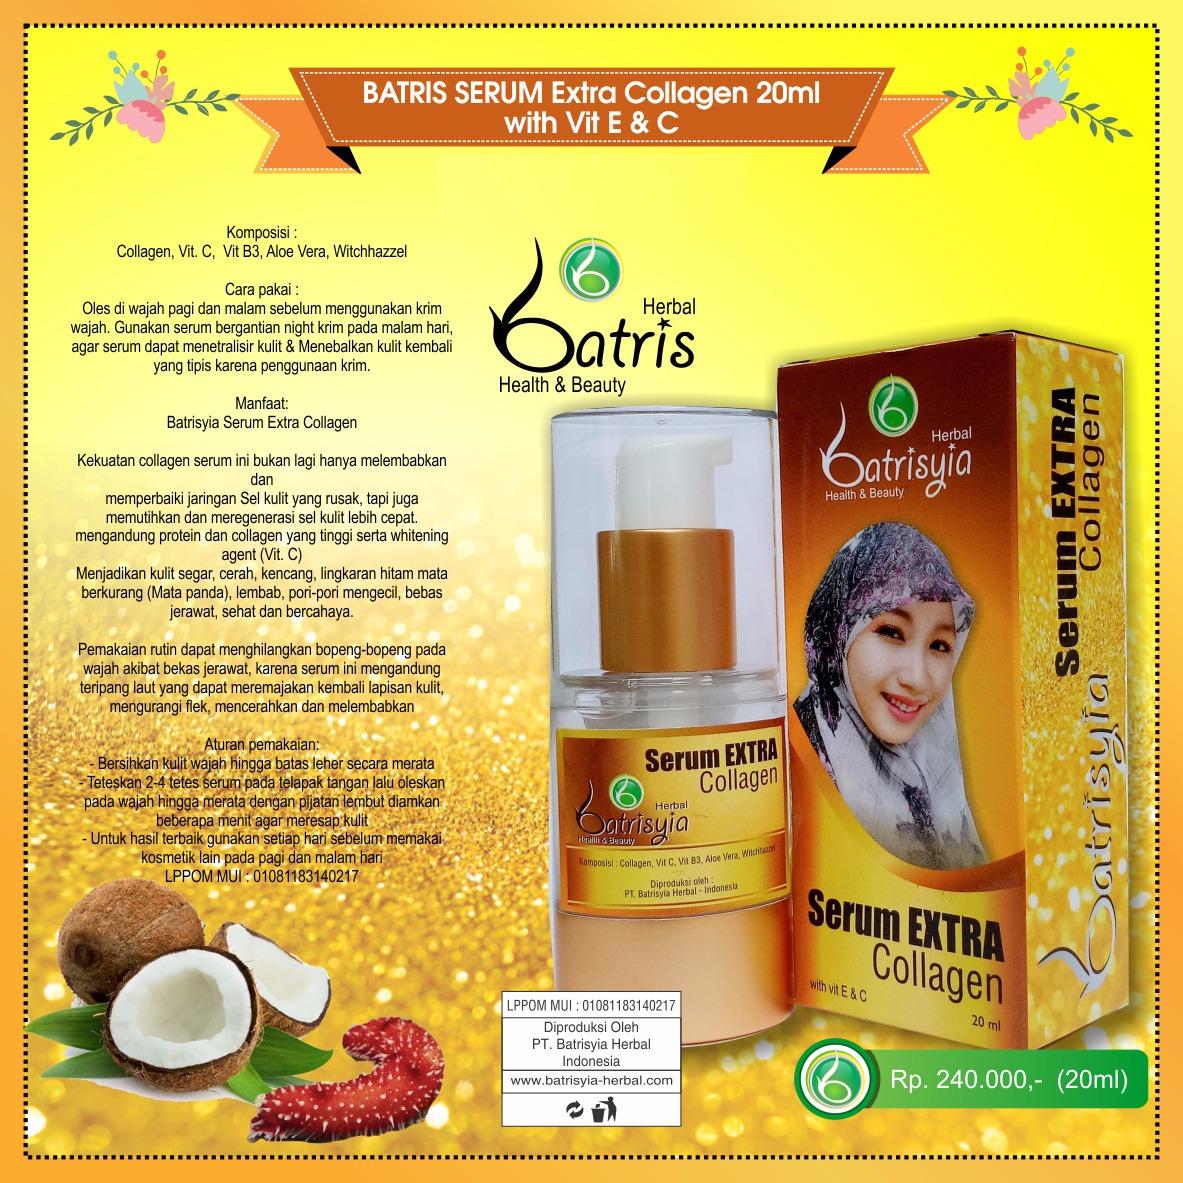 Batrisyia Serum Extra Collagen